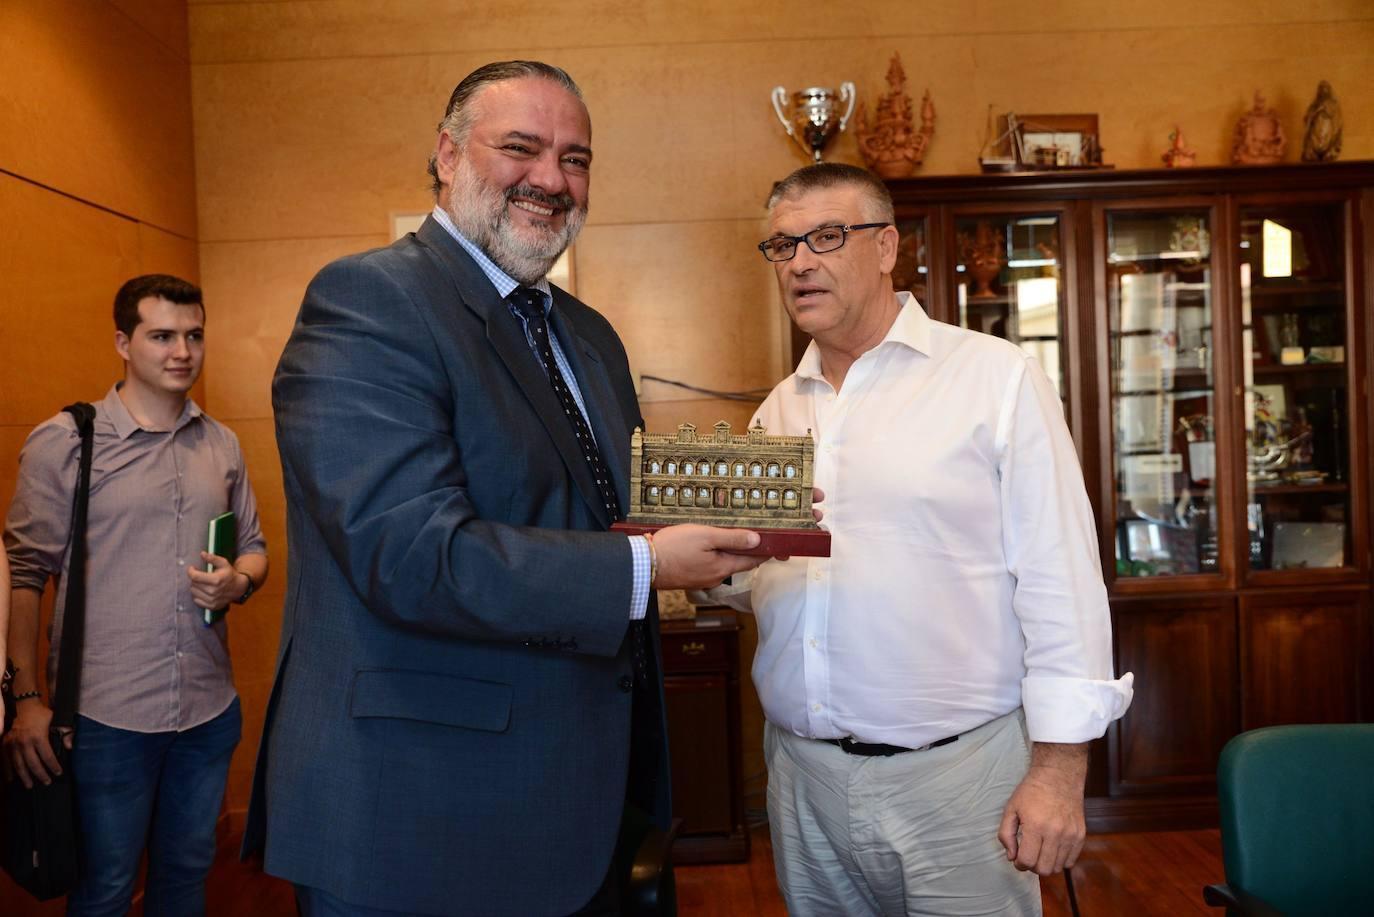 La Junta se compromete con el Ayuntamiento de Guadix a impulsar los proyectos que generen oportunidades para la comarca